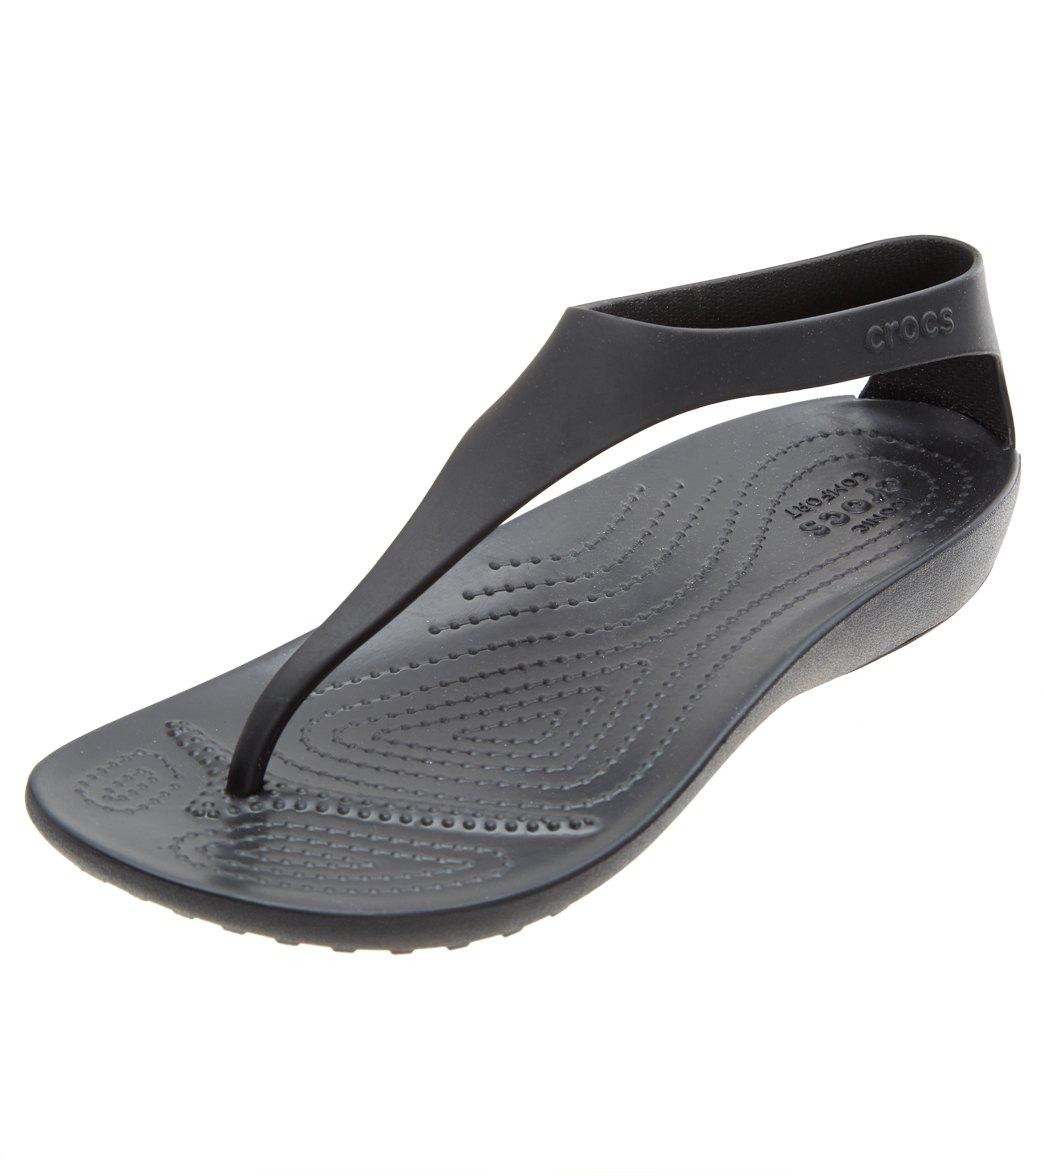 aafa959b9 Crocs Women's Serena Flip Flop at SwimOutlet.com